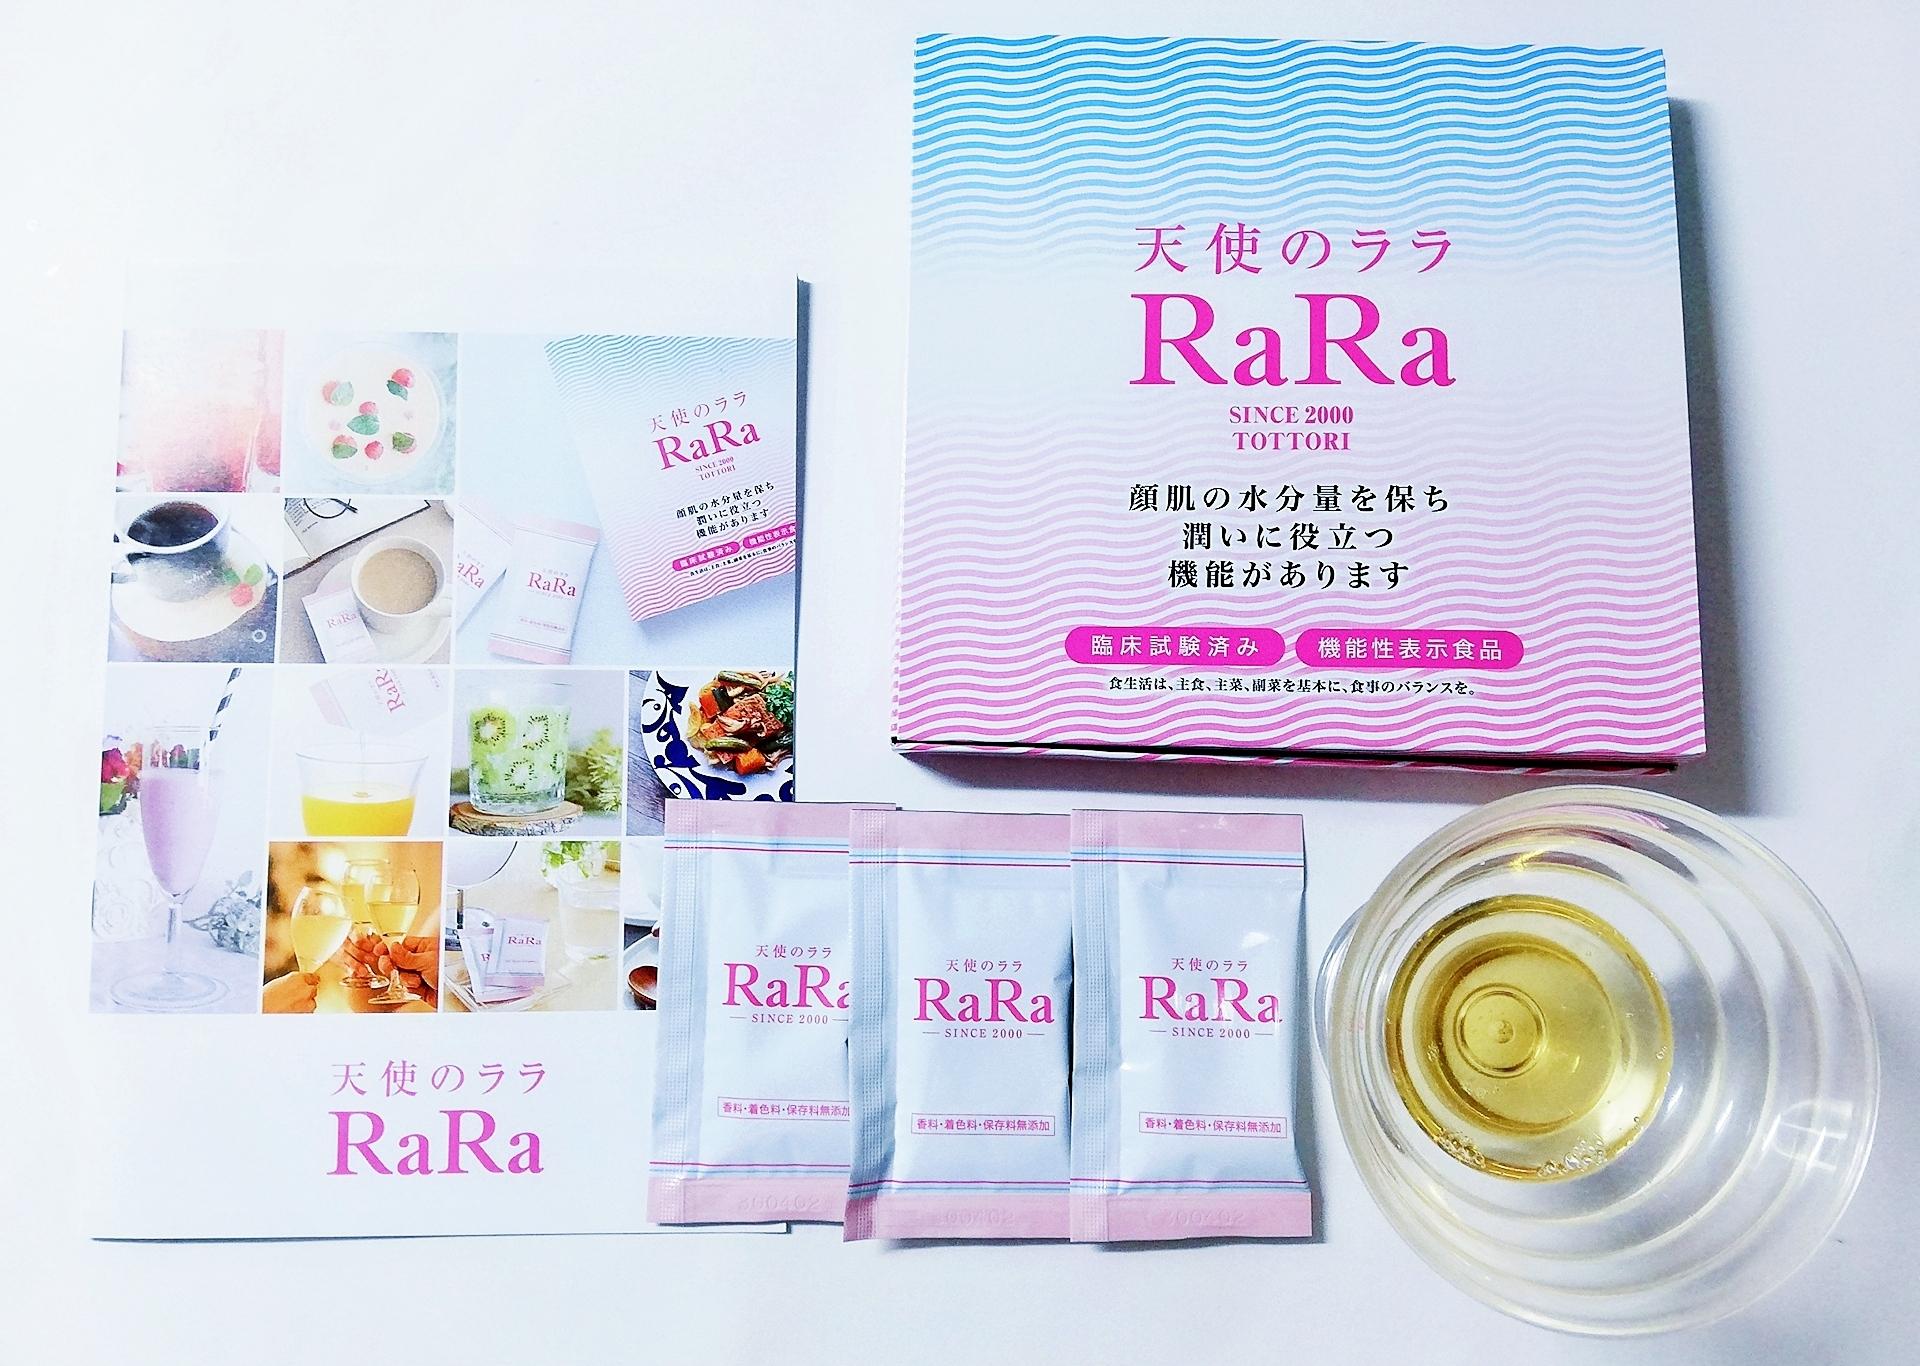 日本で唯一の機能性表示食品【天使のララ】のコラーゲンがスゴい!!初回お試し購入キャンペーンでお得に試せるチャンスです